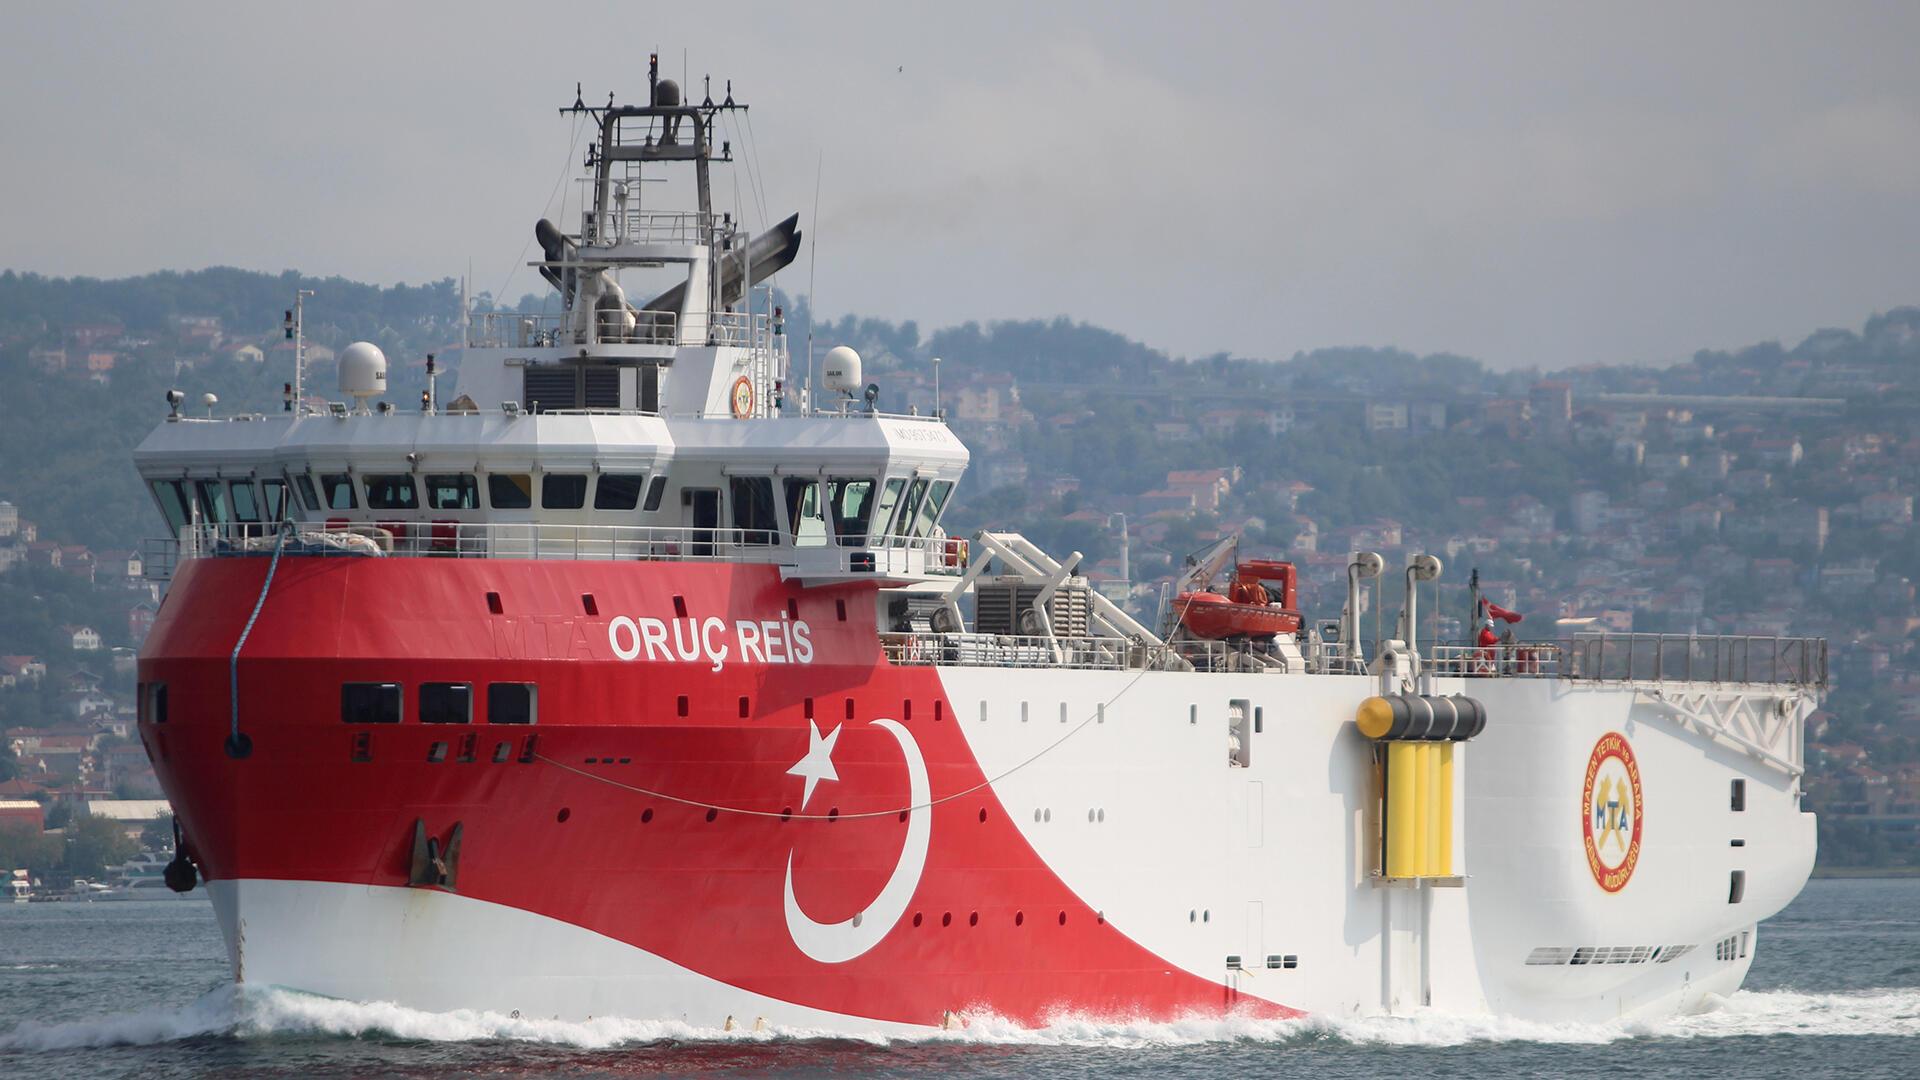 L'Oruç Reis, navire turc de prospection sismique, sur les eaux du Bosphore à Istanbul. Photo datée du 3 octobre 2018.